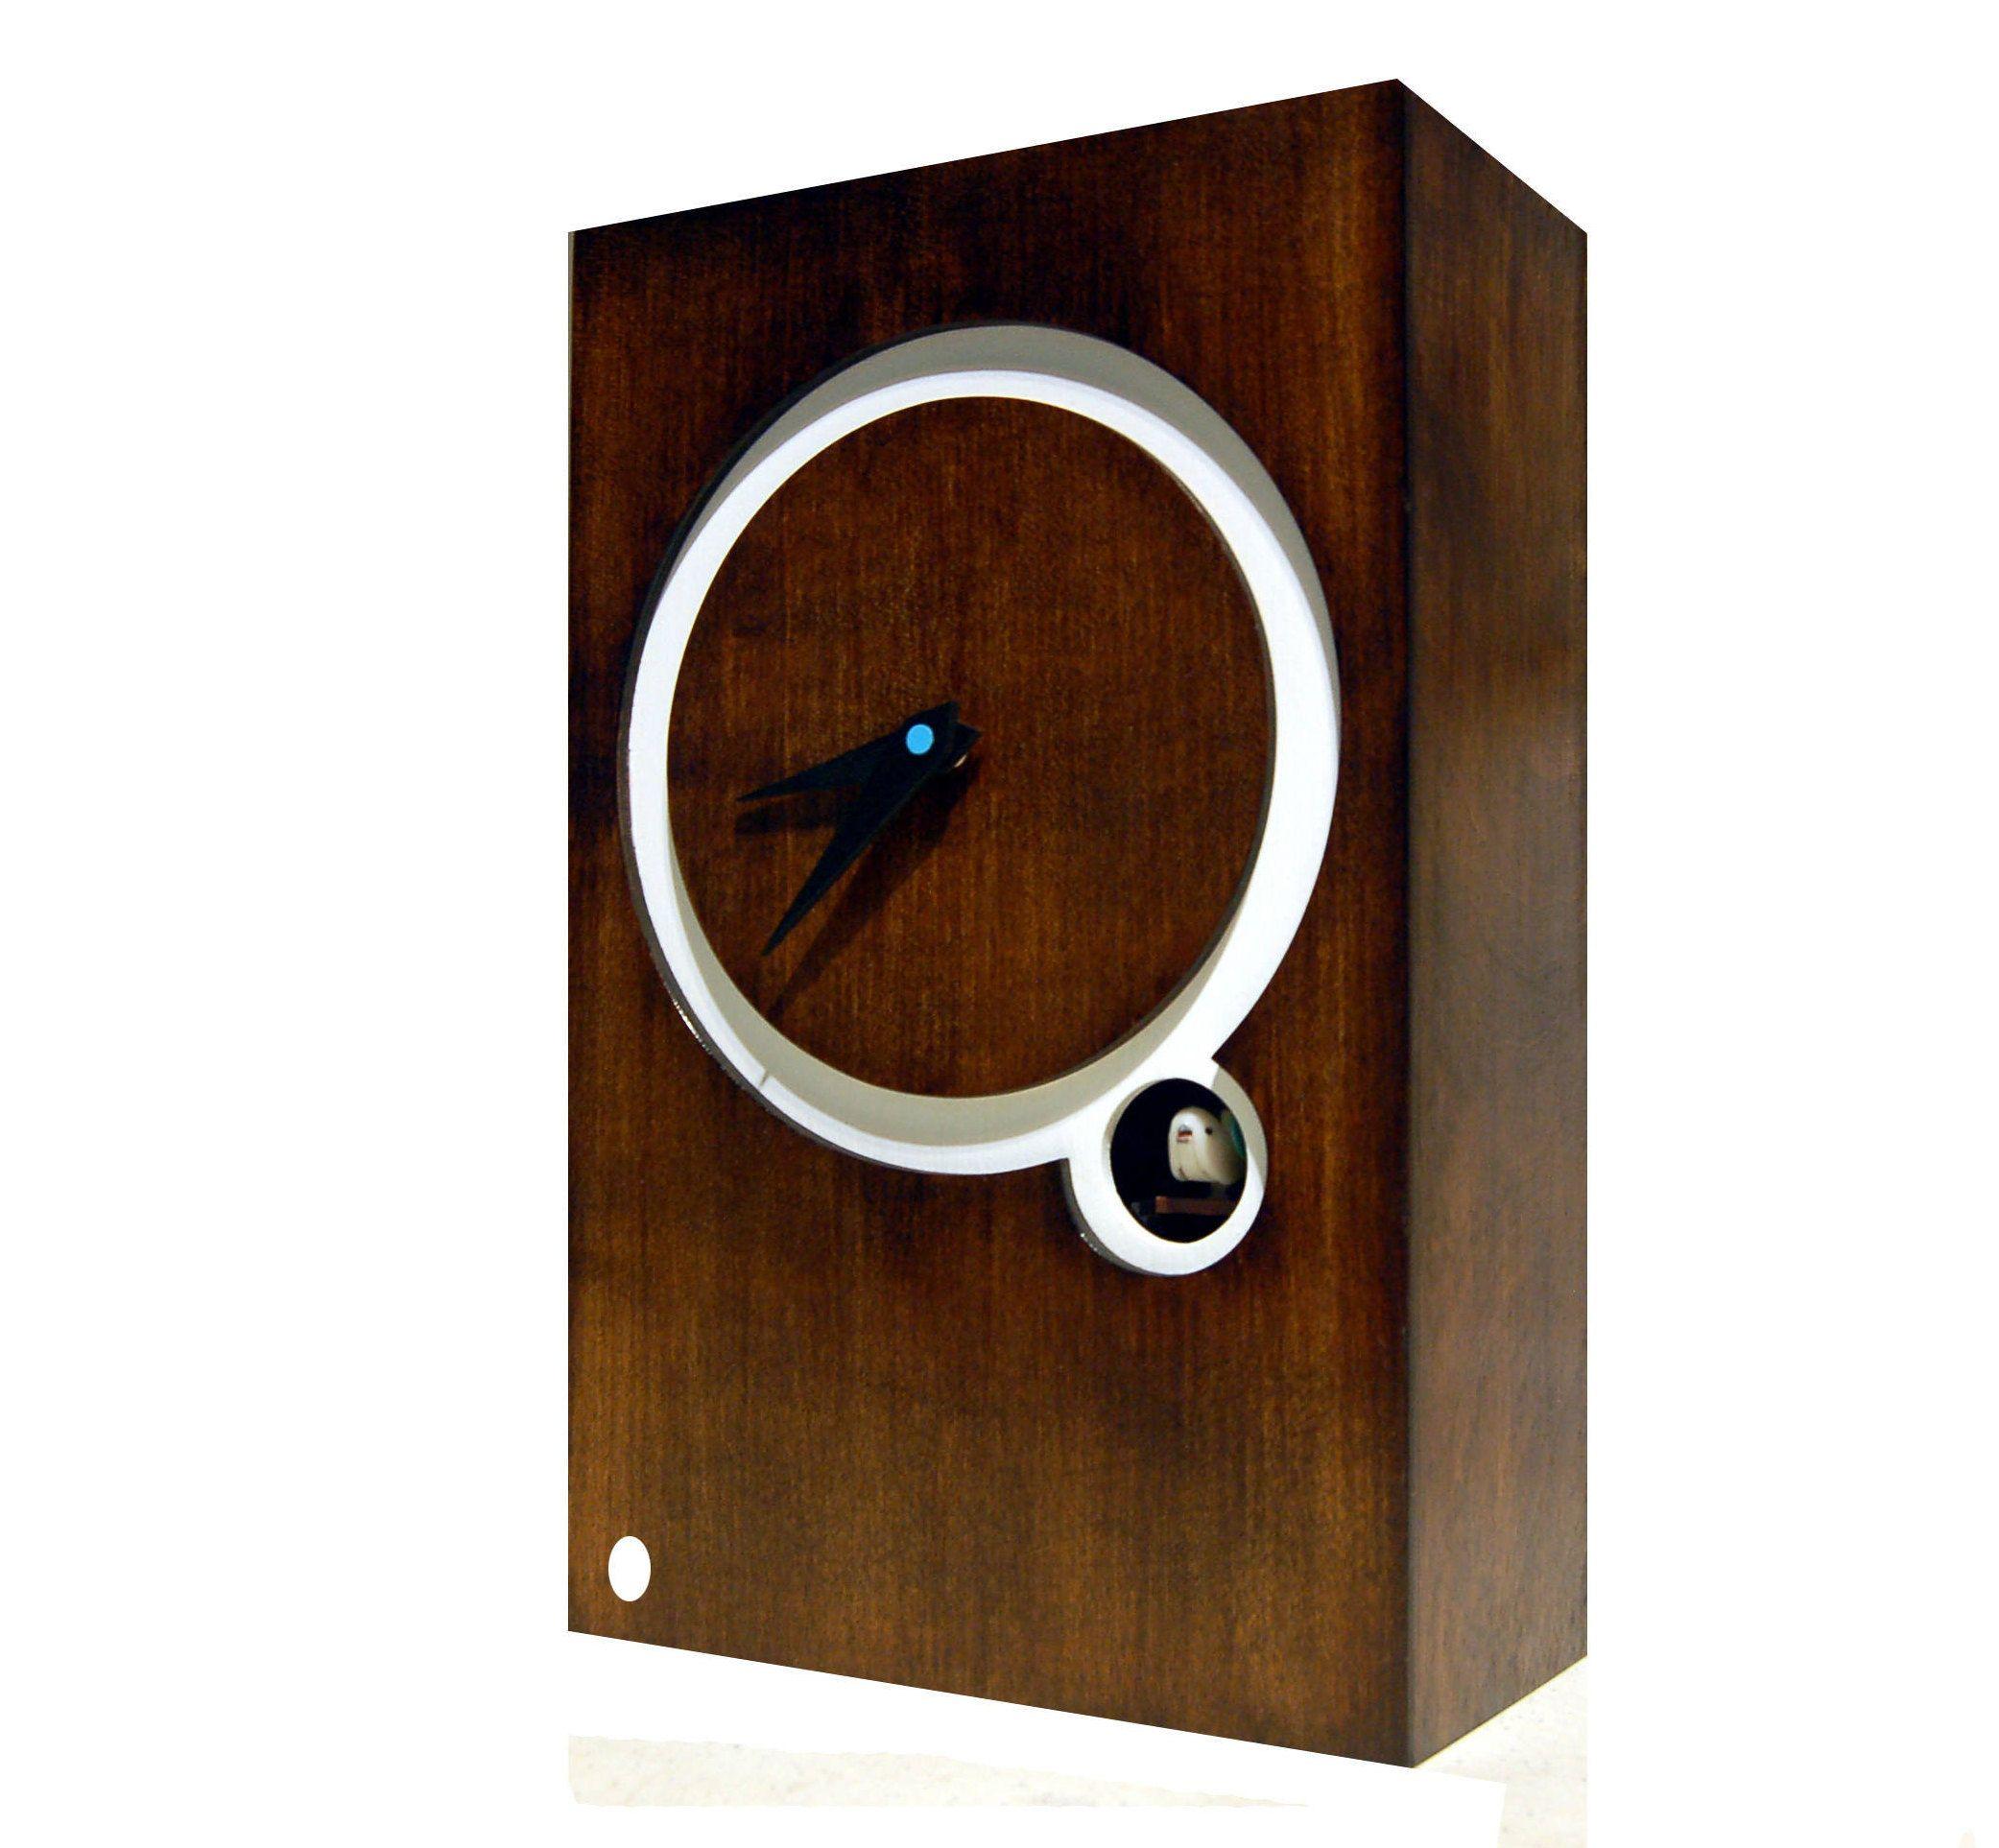 Modern Cuckoo ClockWall Clock With Moving Cuckoo